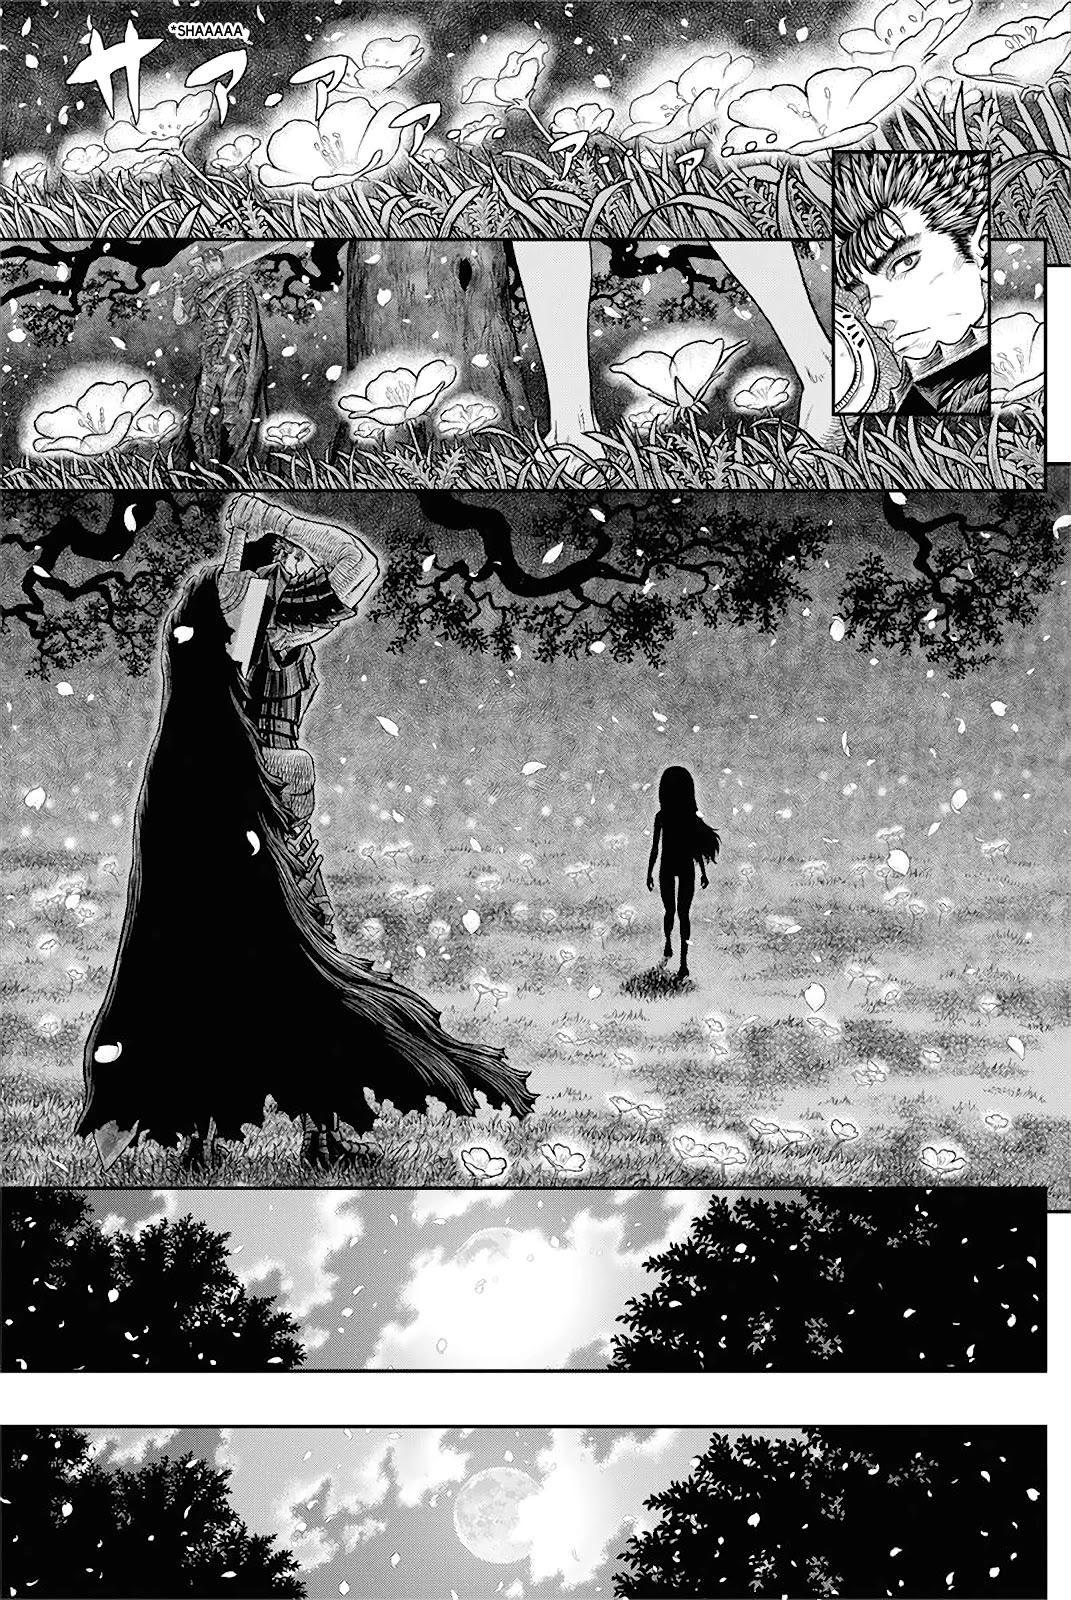 Berserk Chapter 363: Leaping Monkey page 17 - Mangakakalot